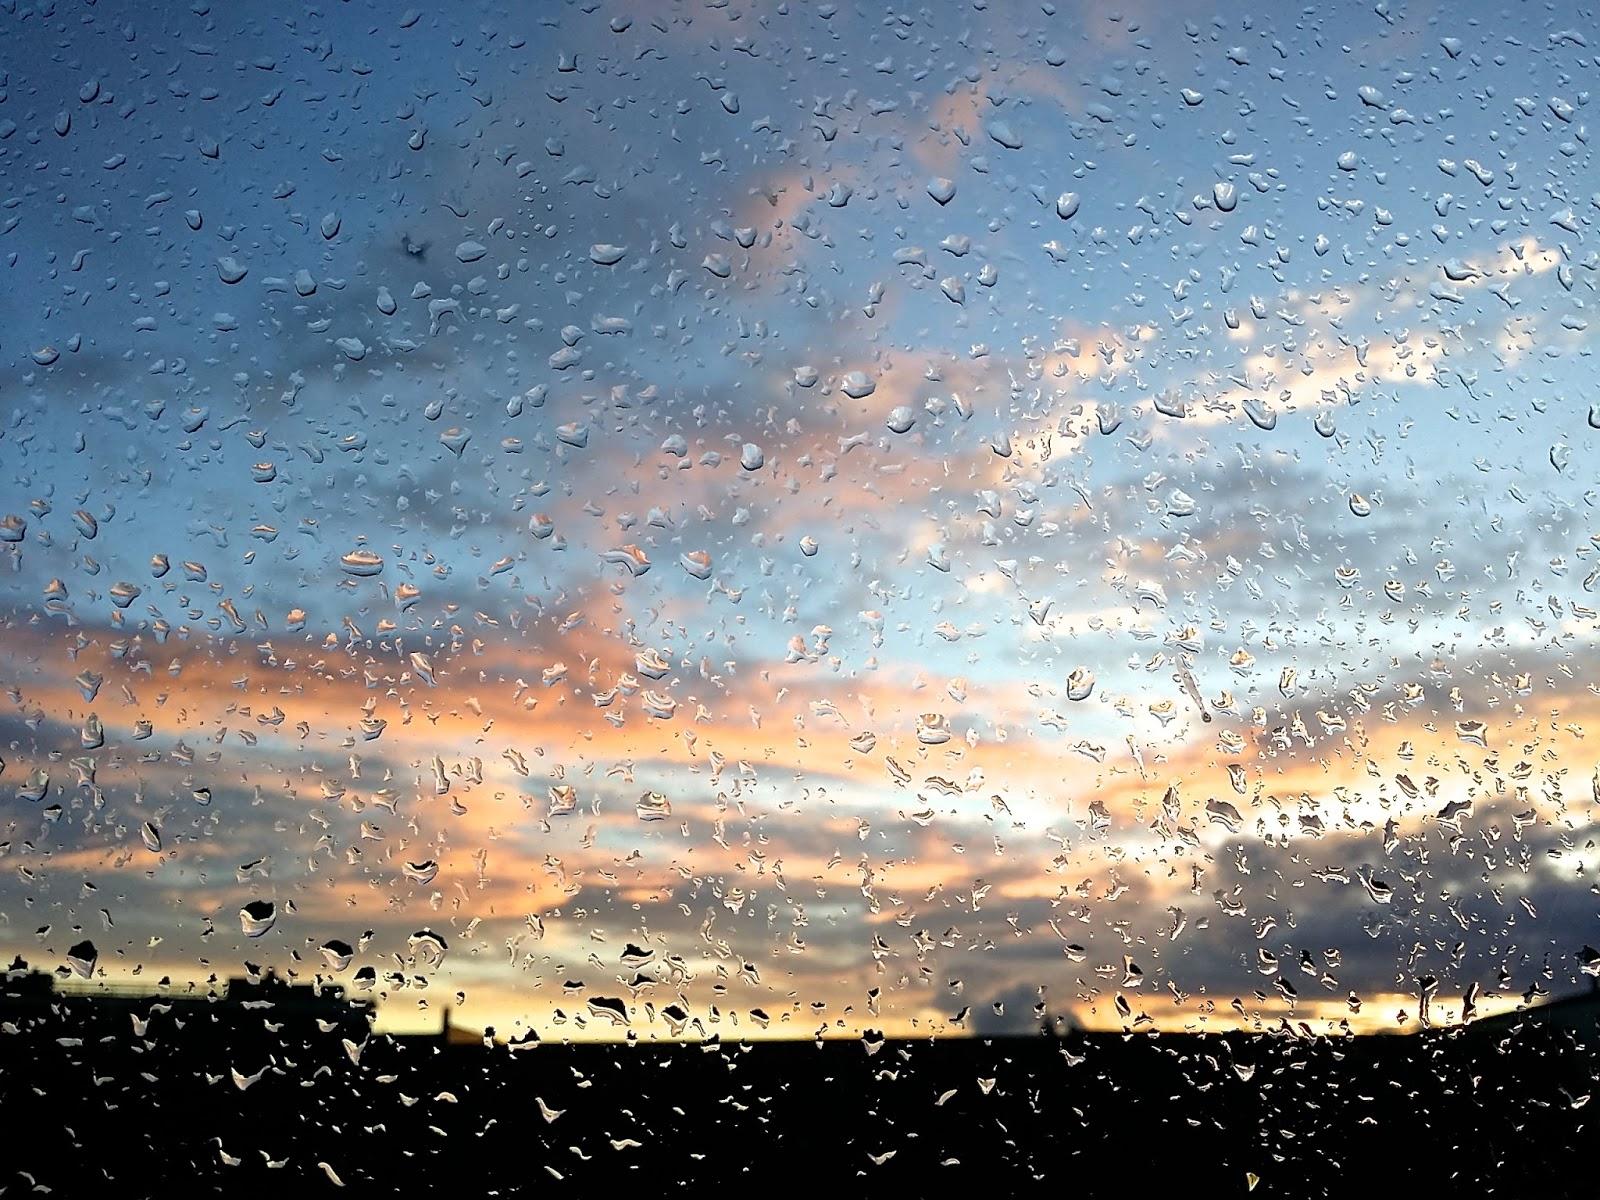 random photography sunset landscape lexie blush www.lexieblush.co.uk